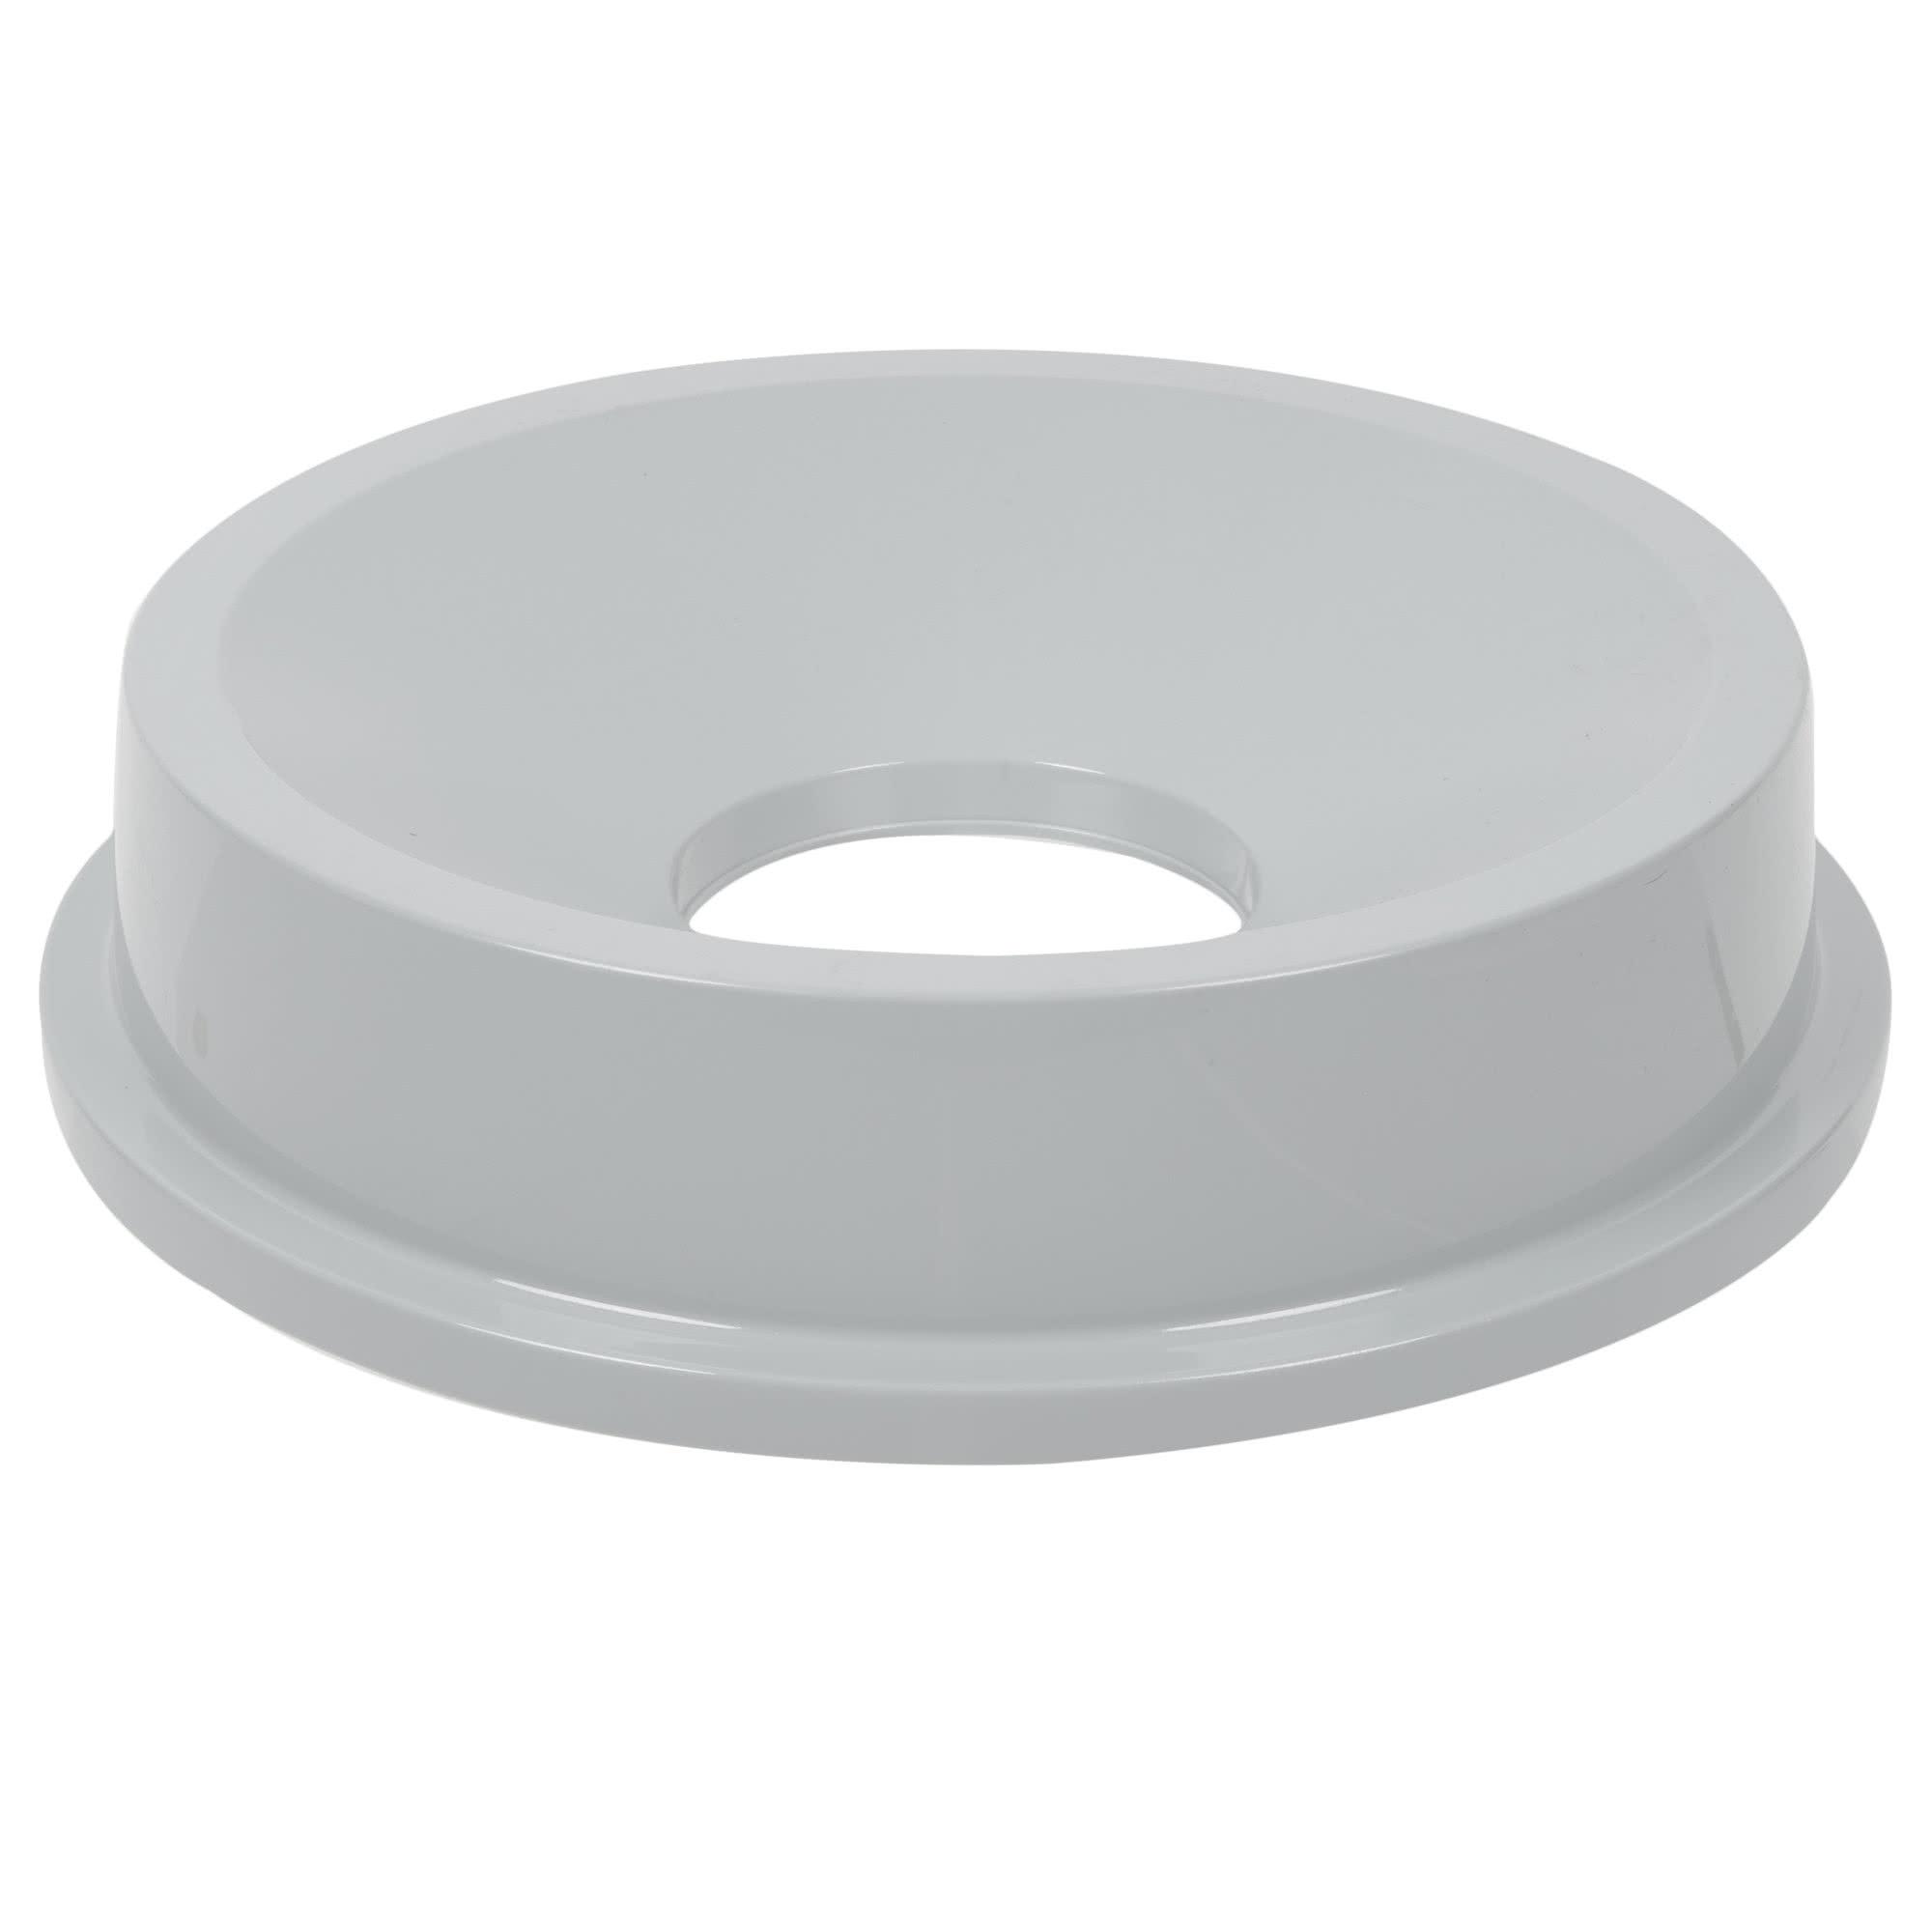 Rubbermaid FG354300GRAY tapa brute color gris round funnel top, aplica contenedor brute de 32 galones 1